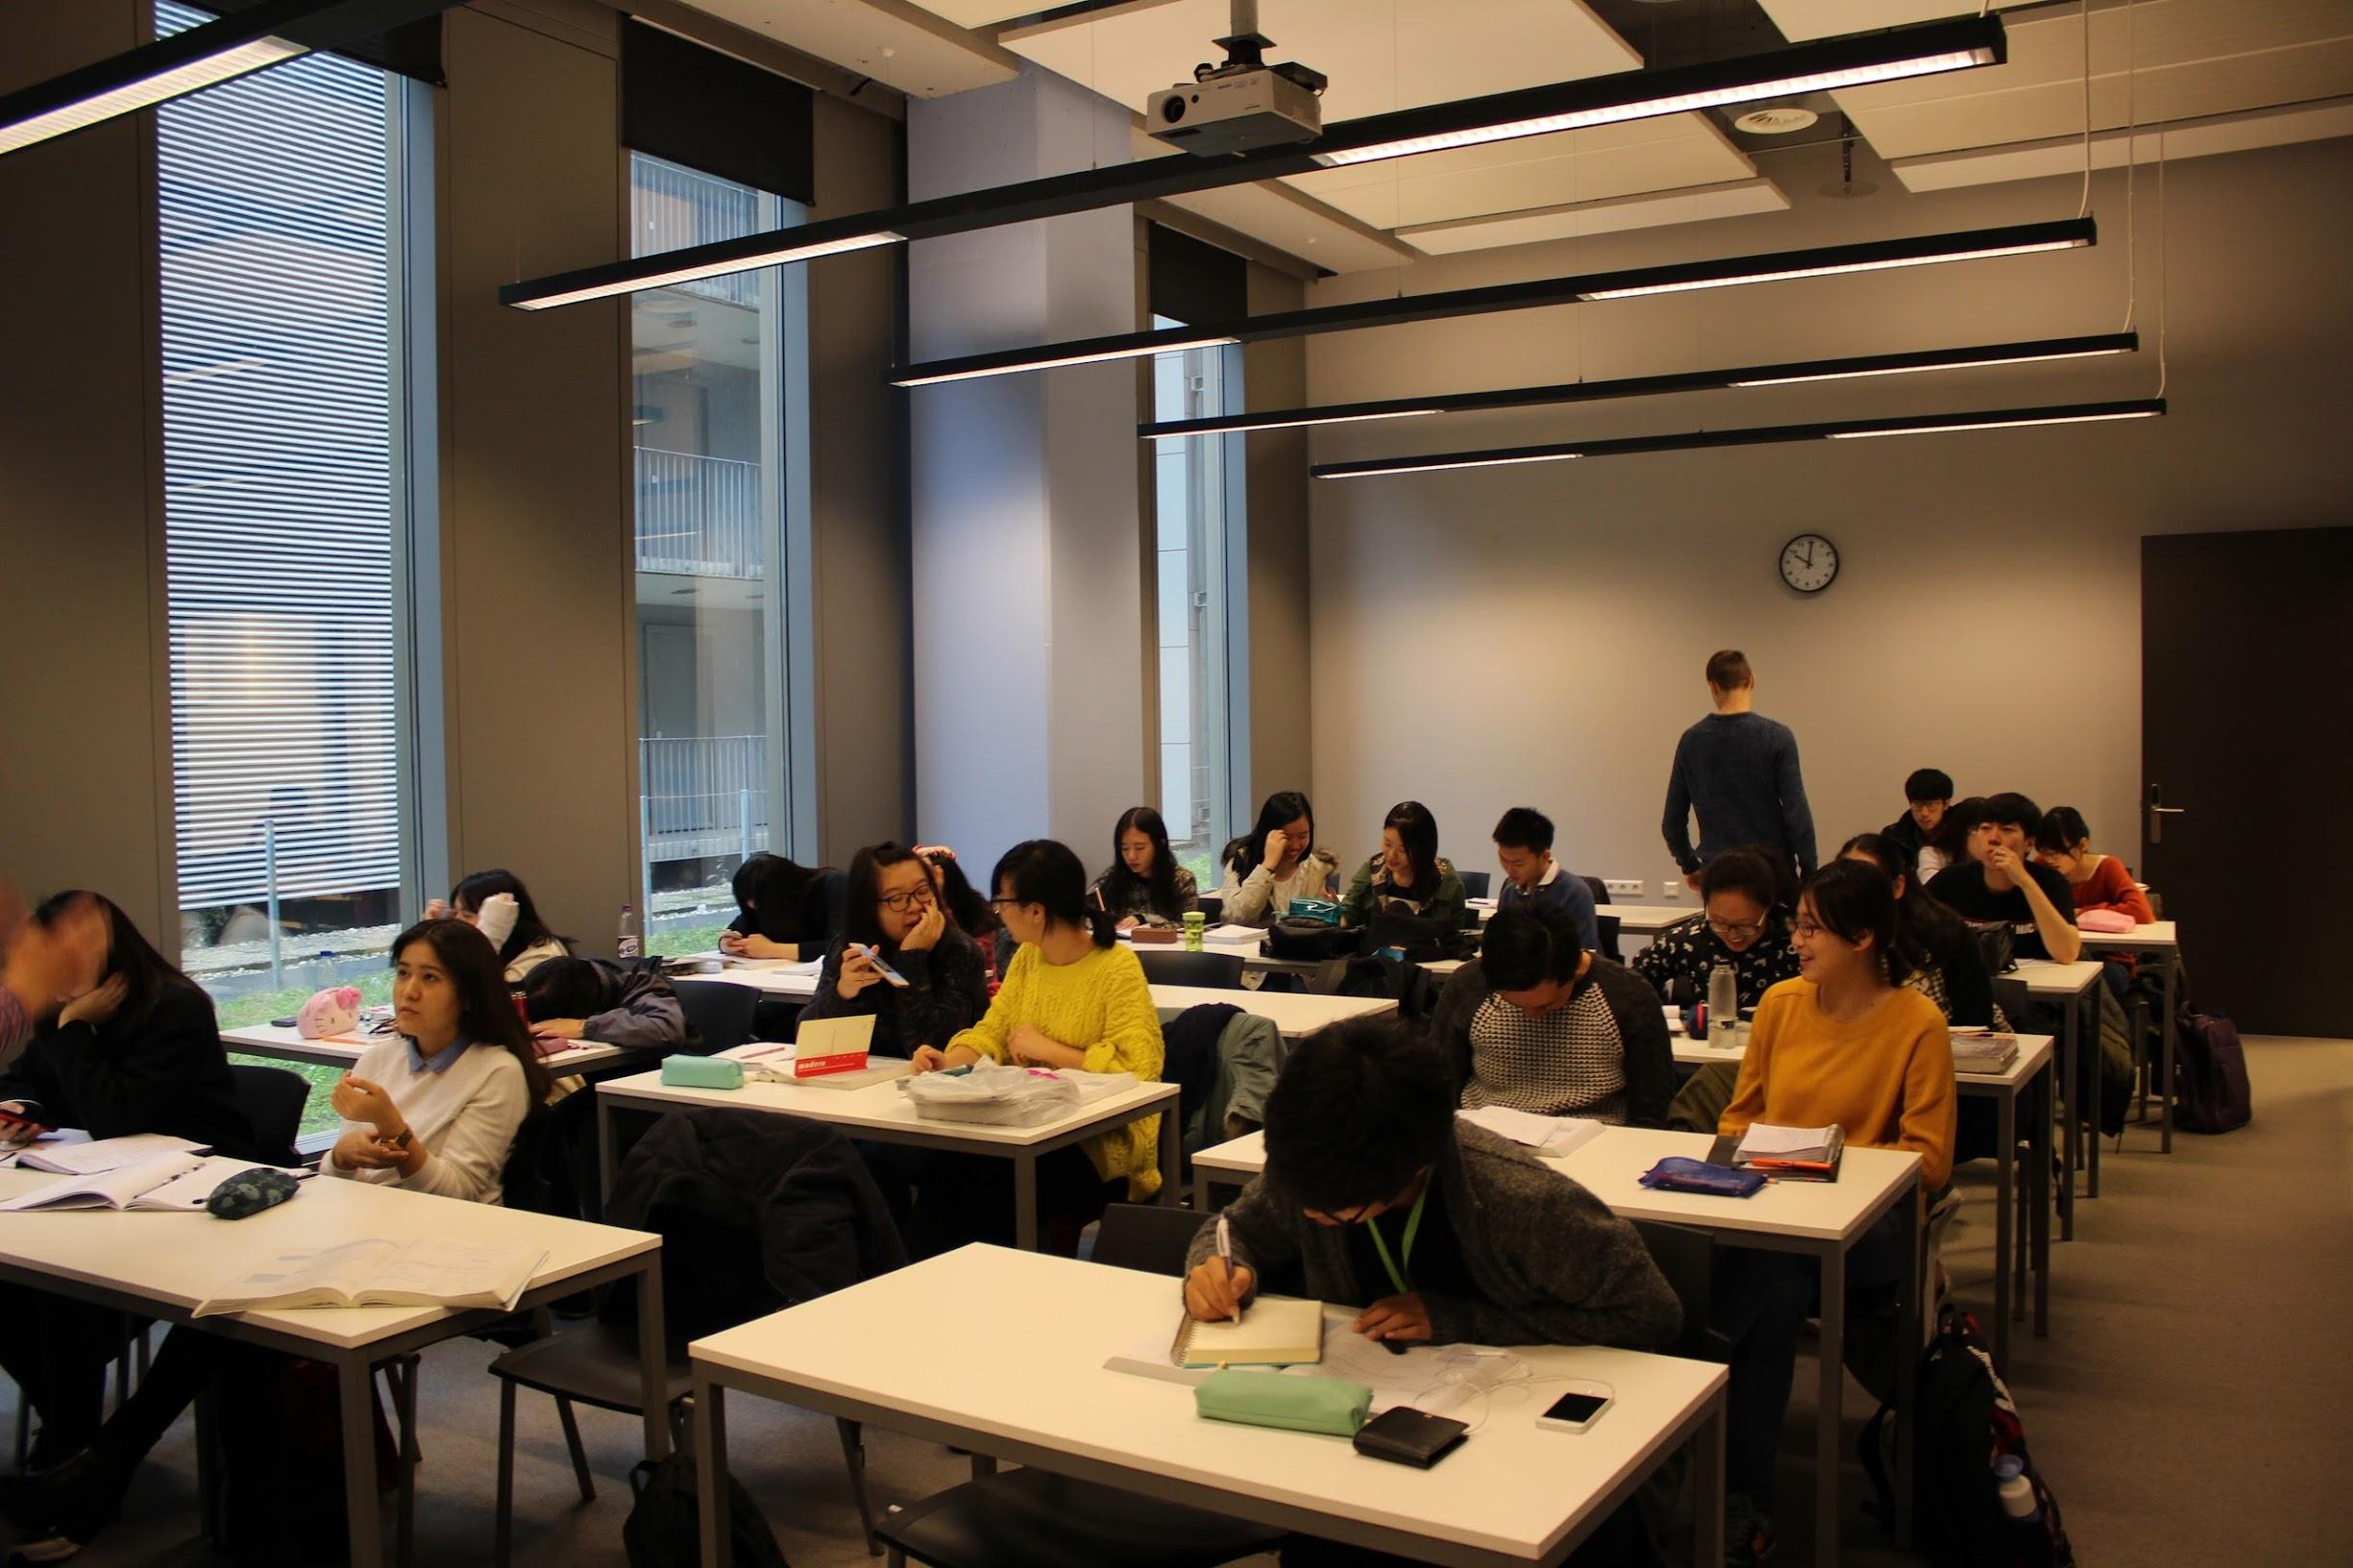 암스테르담 대학 진학 파운데이션 과정 수업 모습